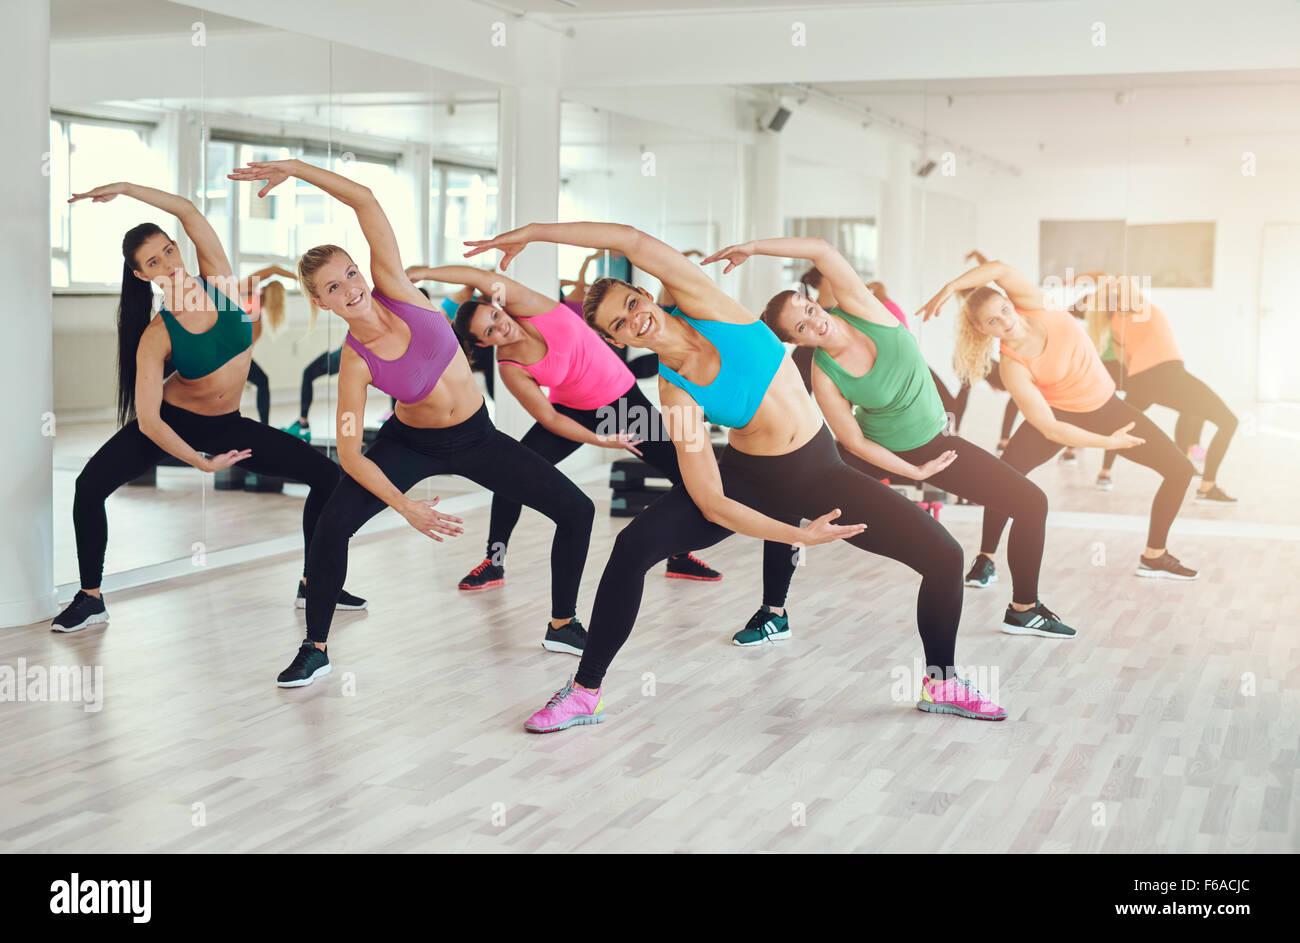 Aerobic-Kurs in einem Fitnessstudio mit einer Gruppe von attraktiven junge Frauen in bunten Sportbekleidung Training Stockbild